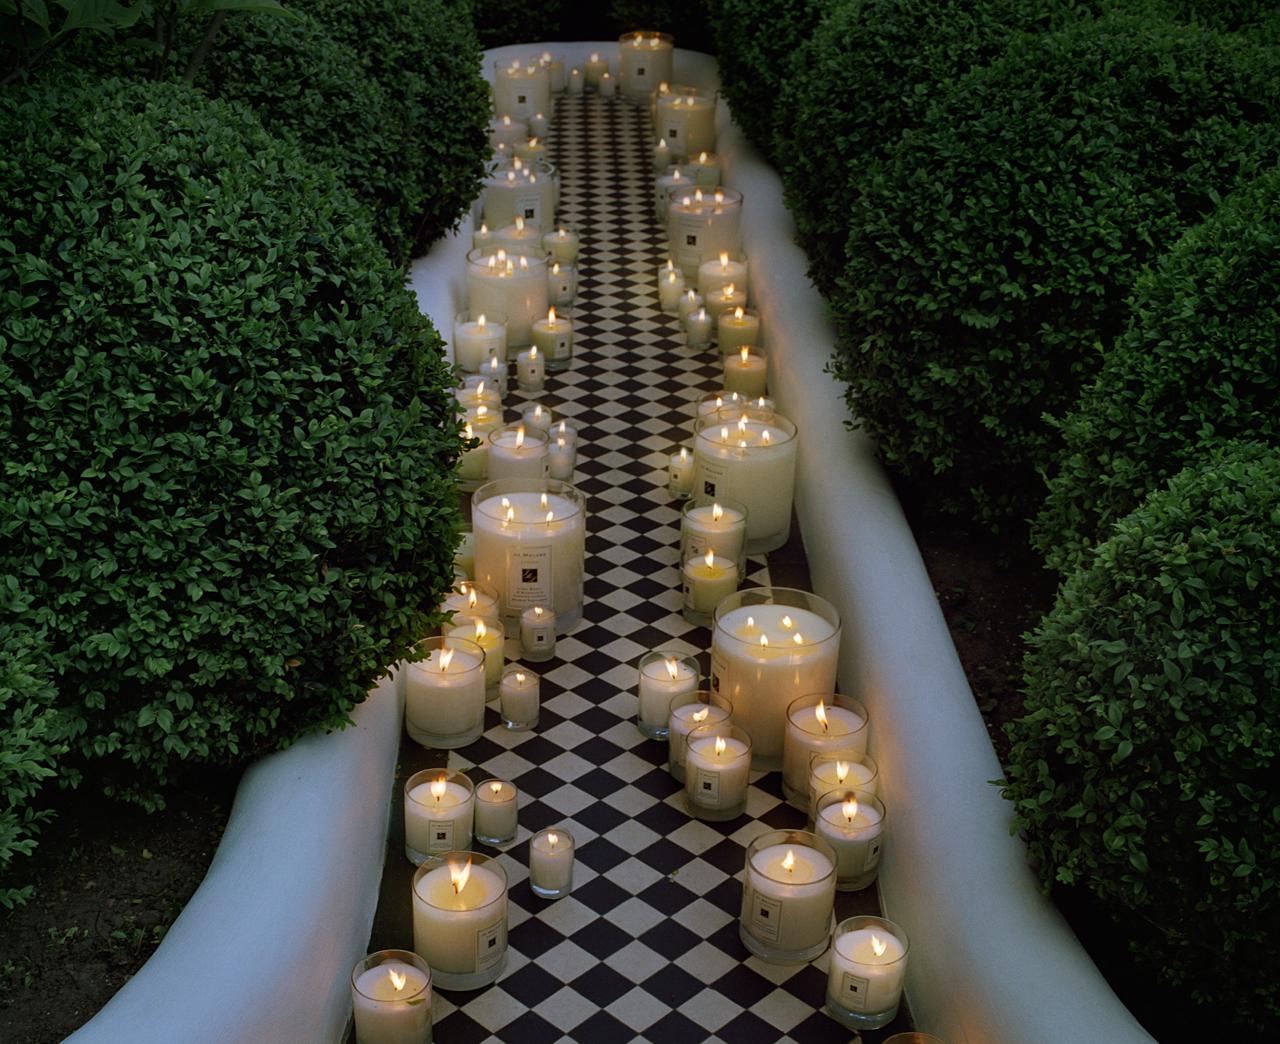 decorar o jardim:Como sempre imaginei: Decorar com velas o jardim